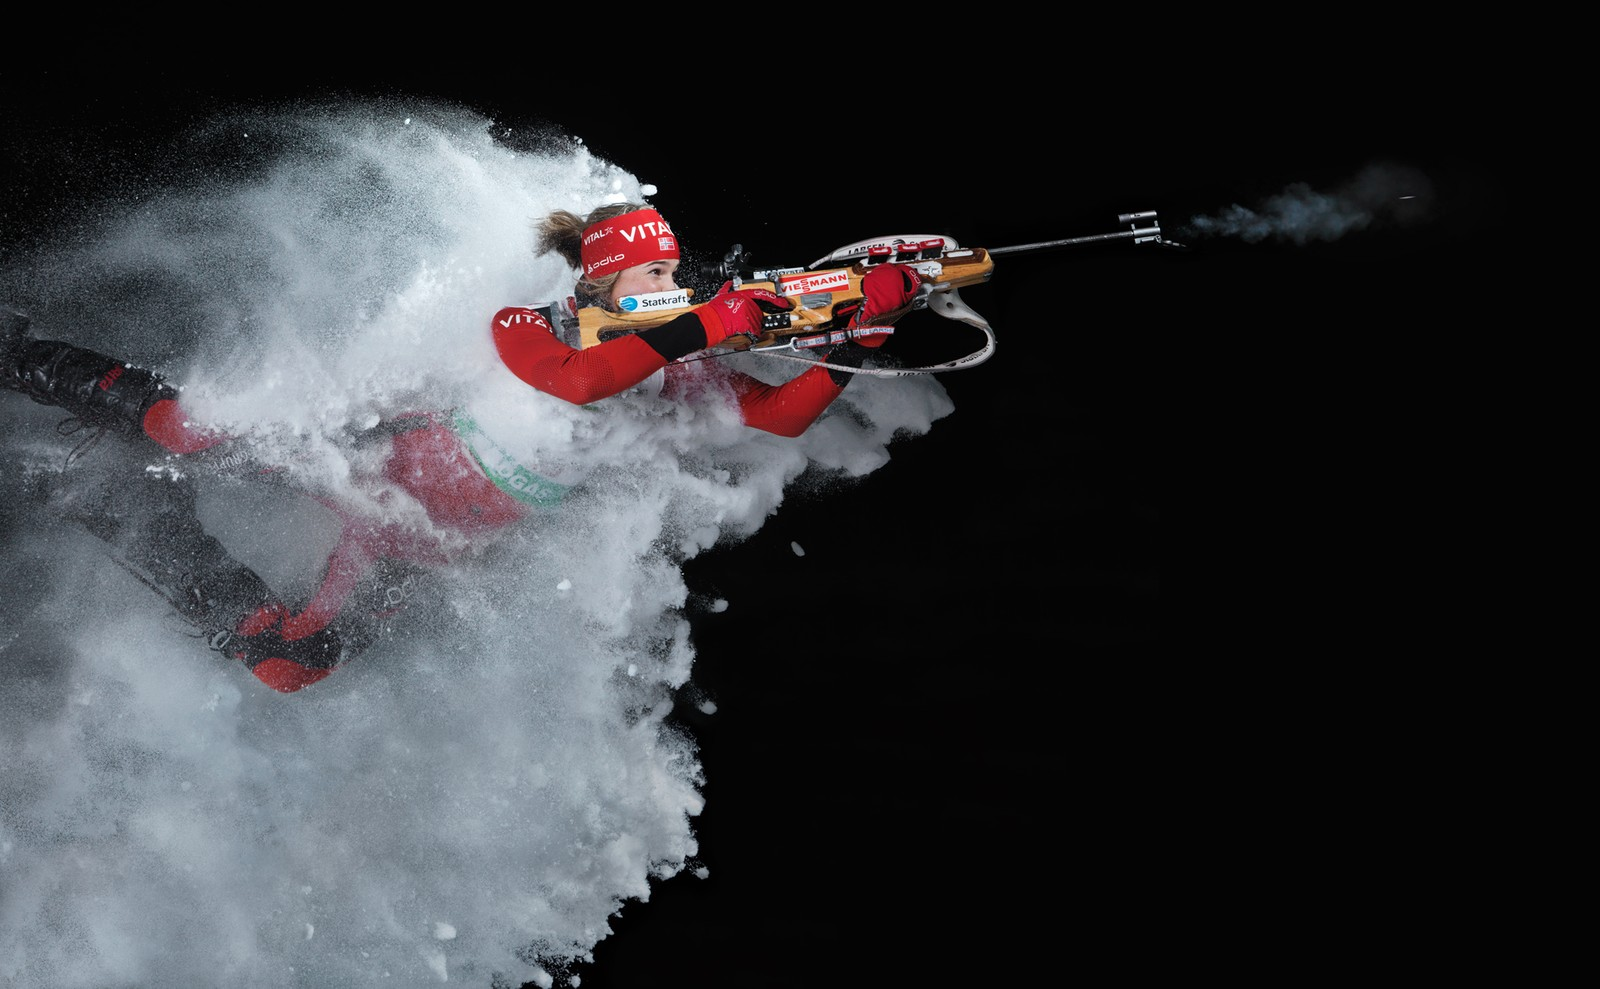 I 2012 tok Thomas Morel dette blinkskotet av skiskyttar Ann Kristin Flatland. Biletet vart tatt utandørs i 20 minusgrader.